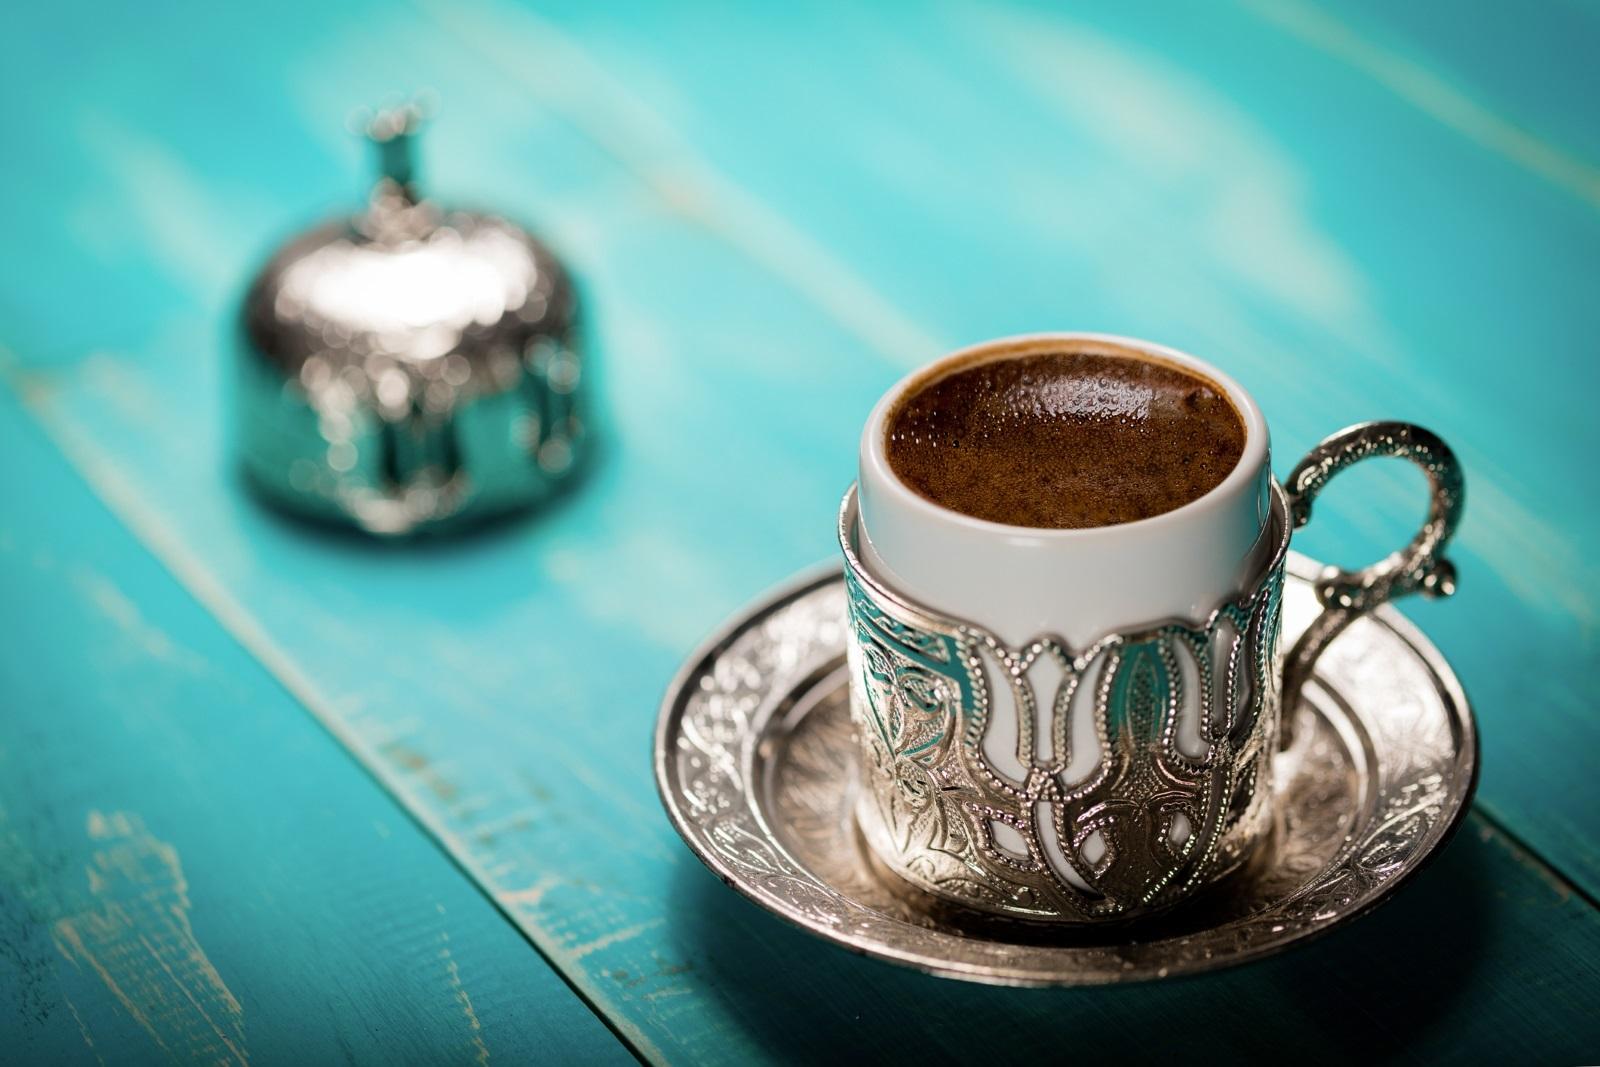 Кафето за младоженеца е солено<br /> Кафето е в центъра и на друга турска традиция - когато бъдещият младоженец идва със семейството си да иска ръката на булката от баща ѝ,му се поднасясолено турско кафе. Преди десетилетия традицията е била такава, че ако момичето не иска да се ожени за младежа, то е слагало много сол в неговото кафе, давайки знак, че отказва предложението. С годините обаче, когато предварително договорените бракове намаляват с бързи темпове, традицията се е променила и сега е задължително младоженецът да пие солено кафе по време на обичая.